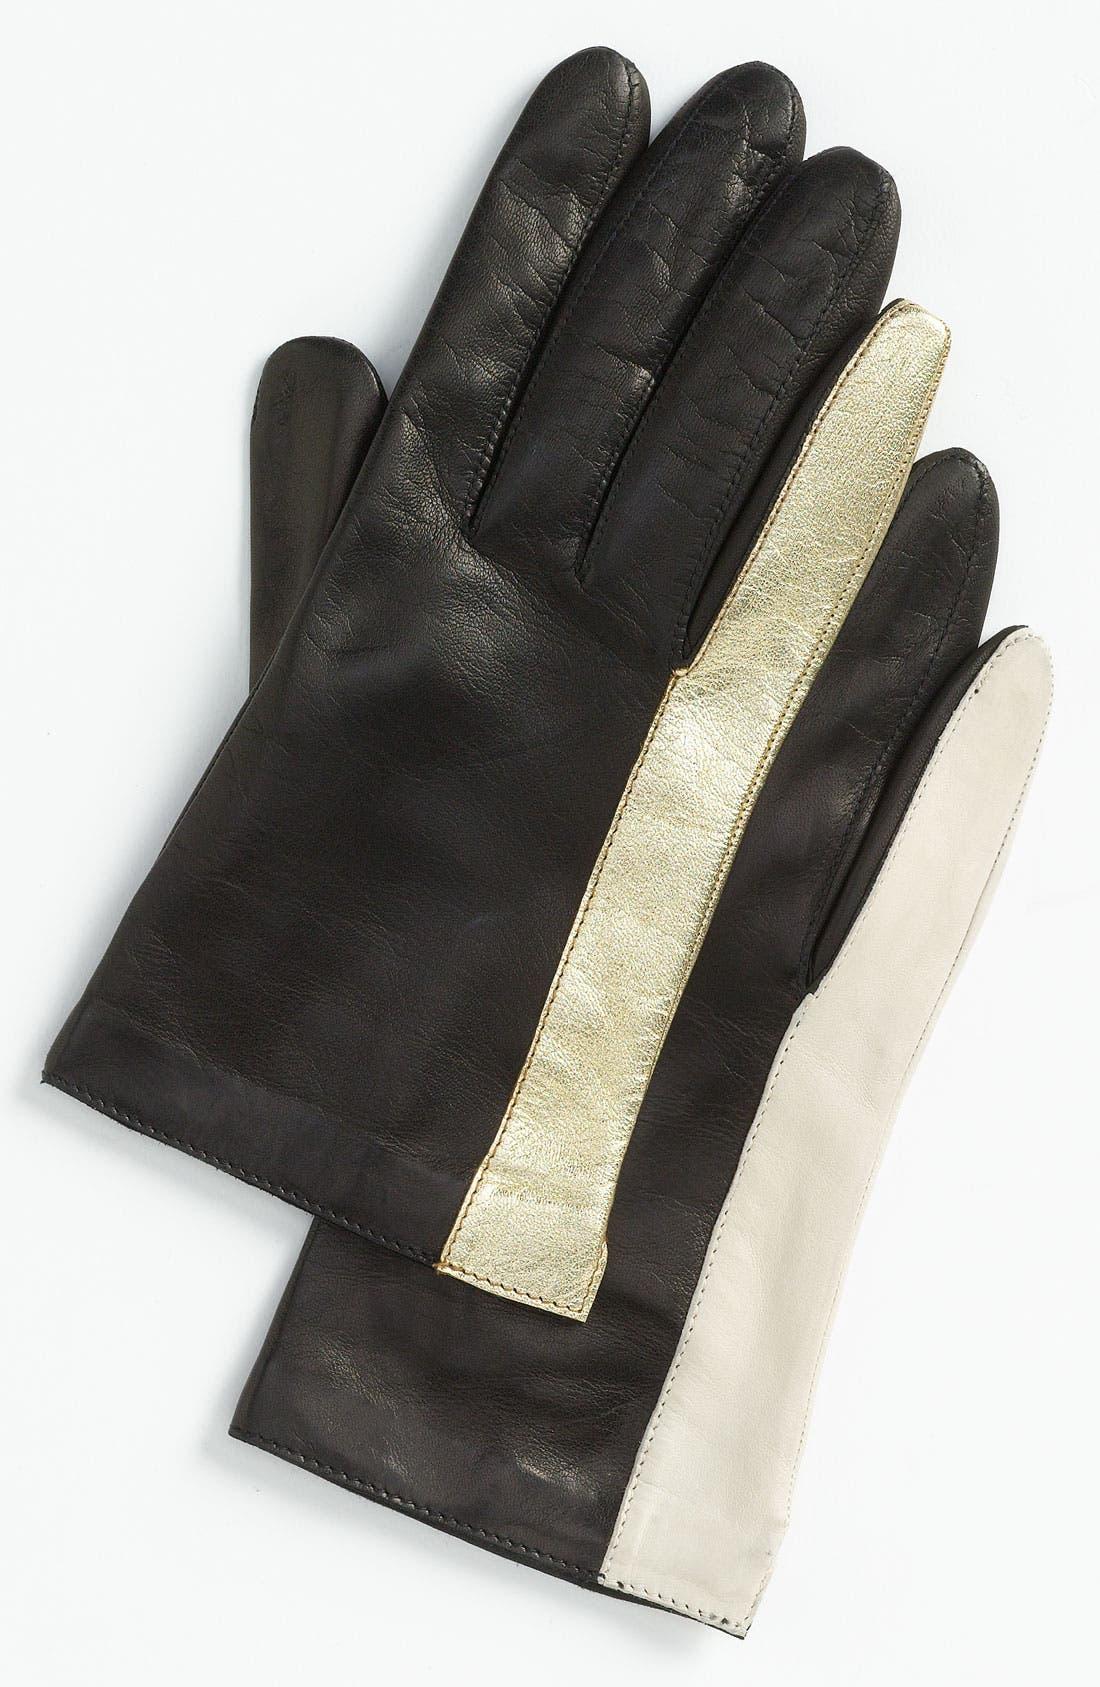 Main Image - Diane von Furstenberg Colorblock Leather Gloves